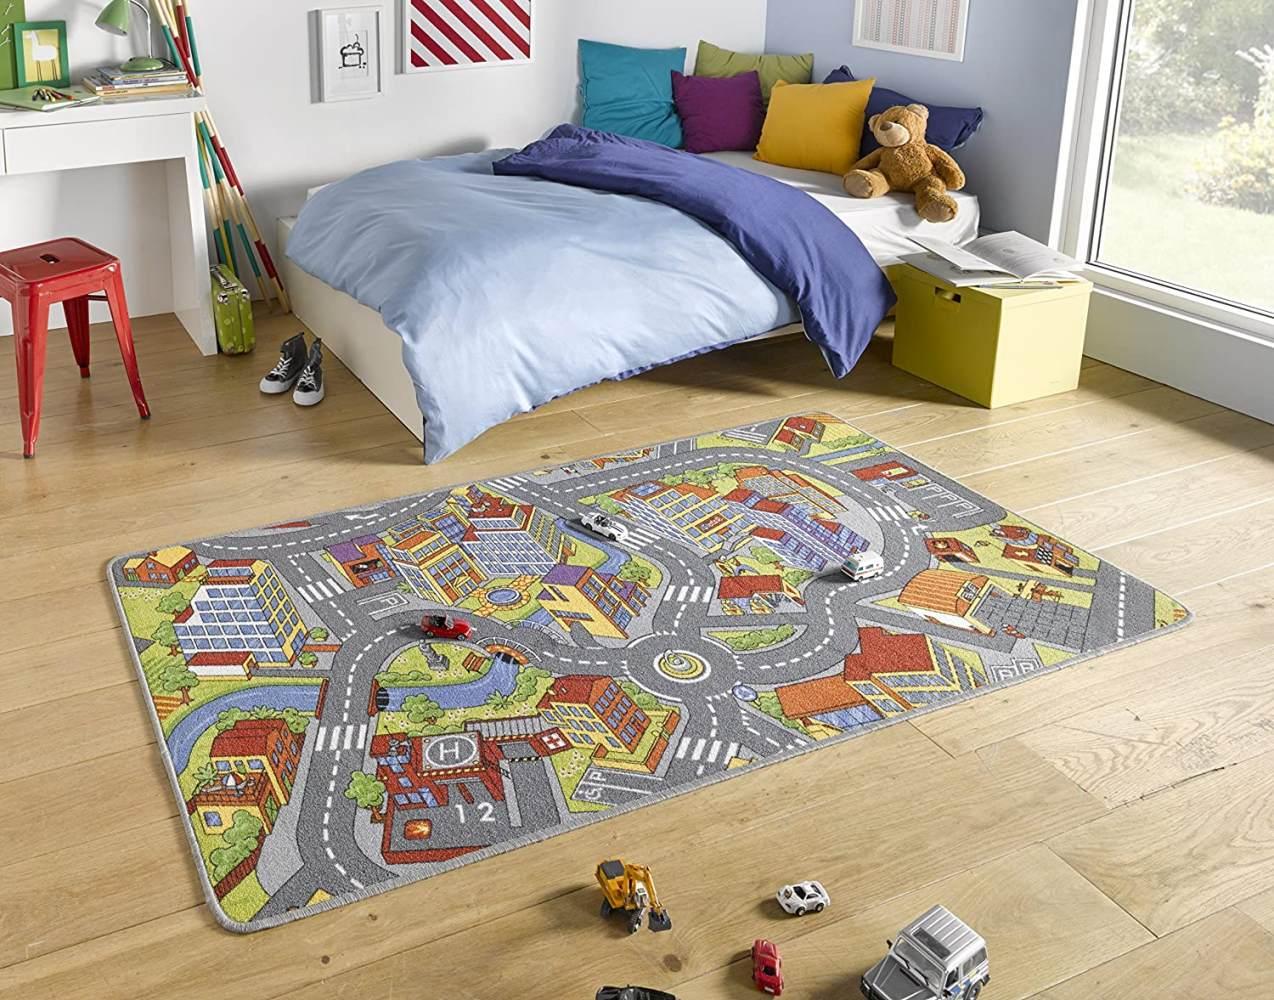 HANSE Home Kurzflor Kinderteppich Spielteppich Smart City (140x200 cm, 100% Polyamid, Rutschhemmende Rückenbeschichtung, Pflegeleicht, Fußbodenheizung geeignet), Grau Bild 1